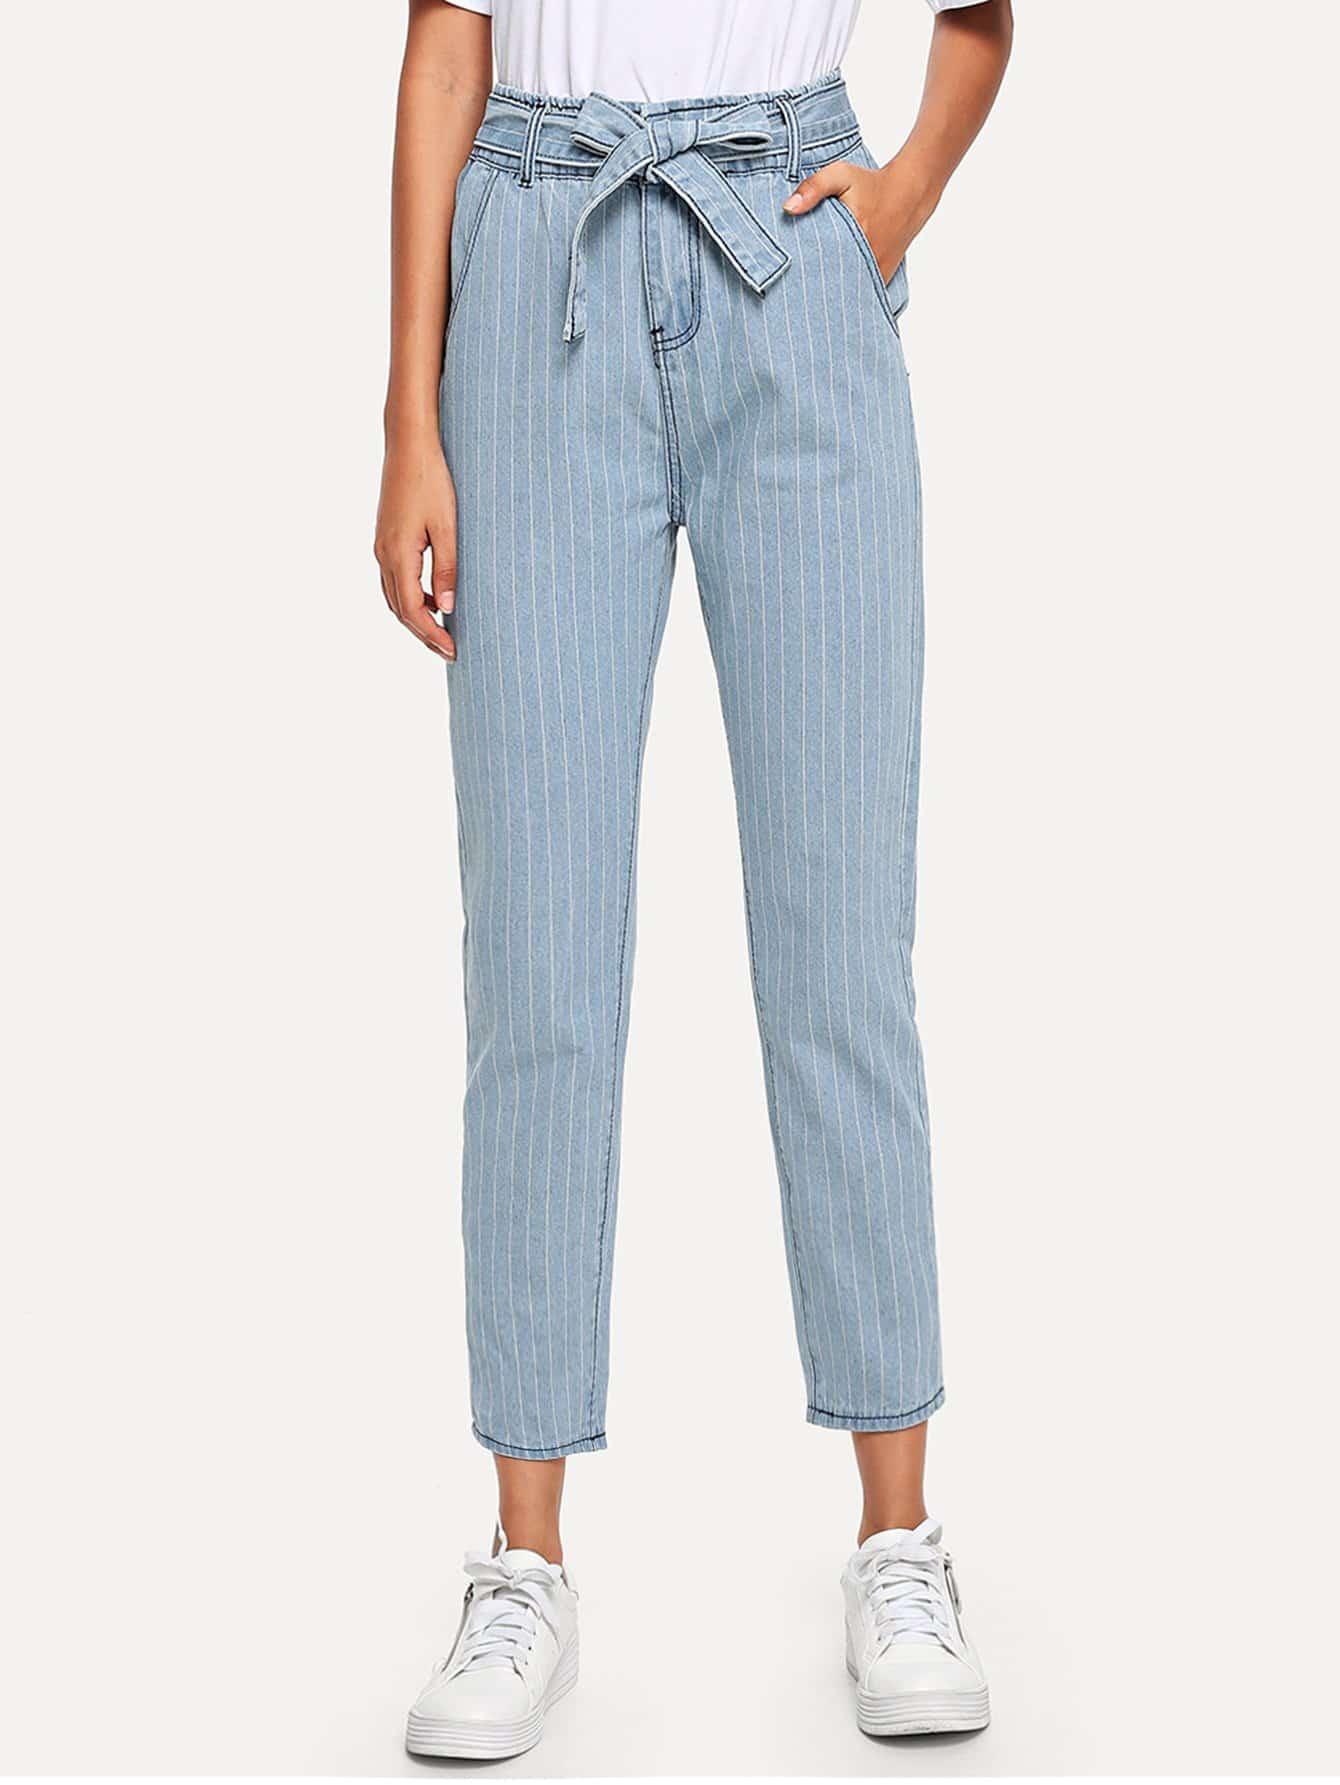 Tie Waist Striped Jeans tie waist seam front jeans